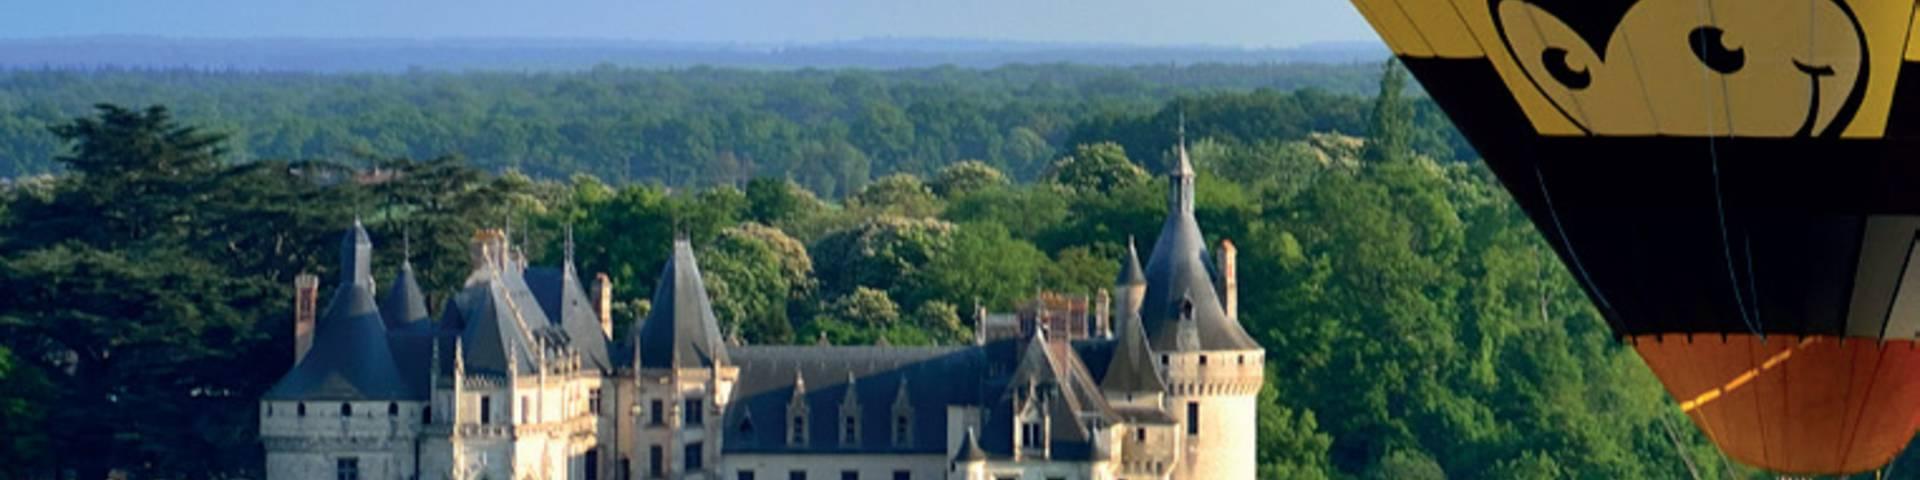 Sobrevolando los castillos del Loira. © Aerocom